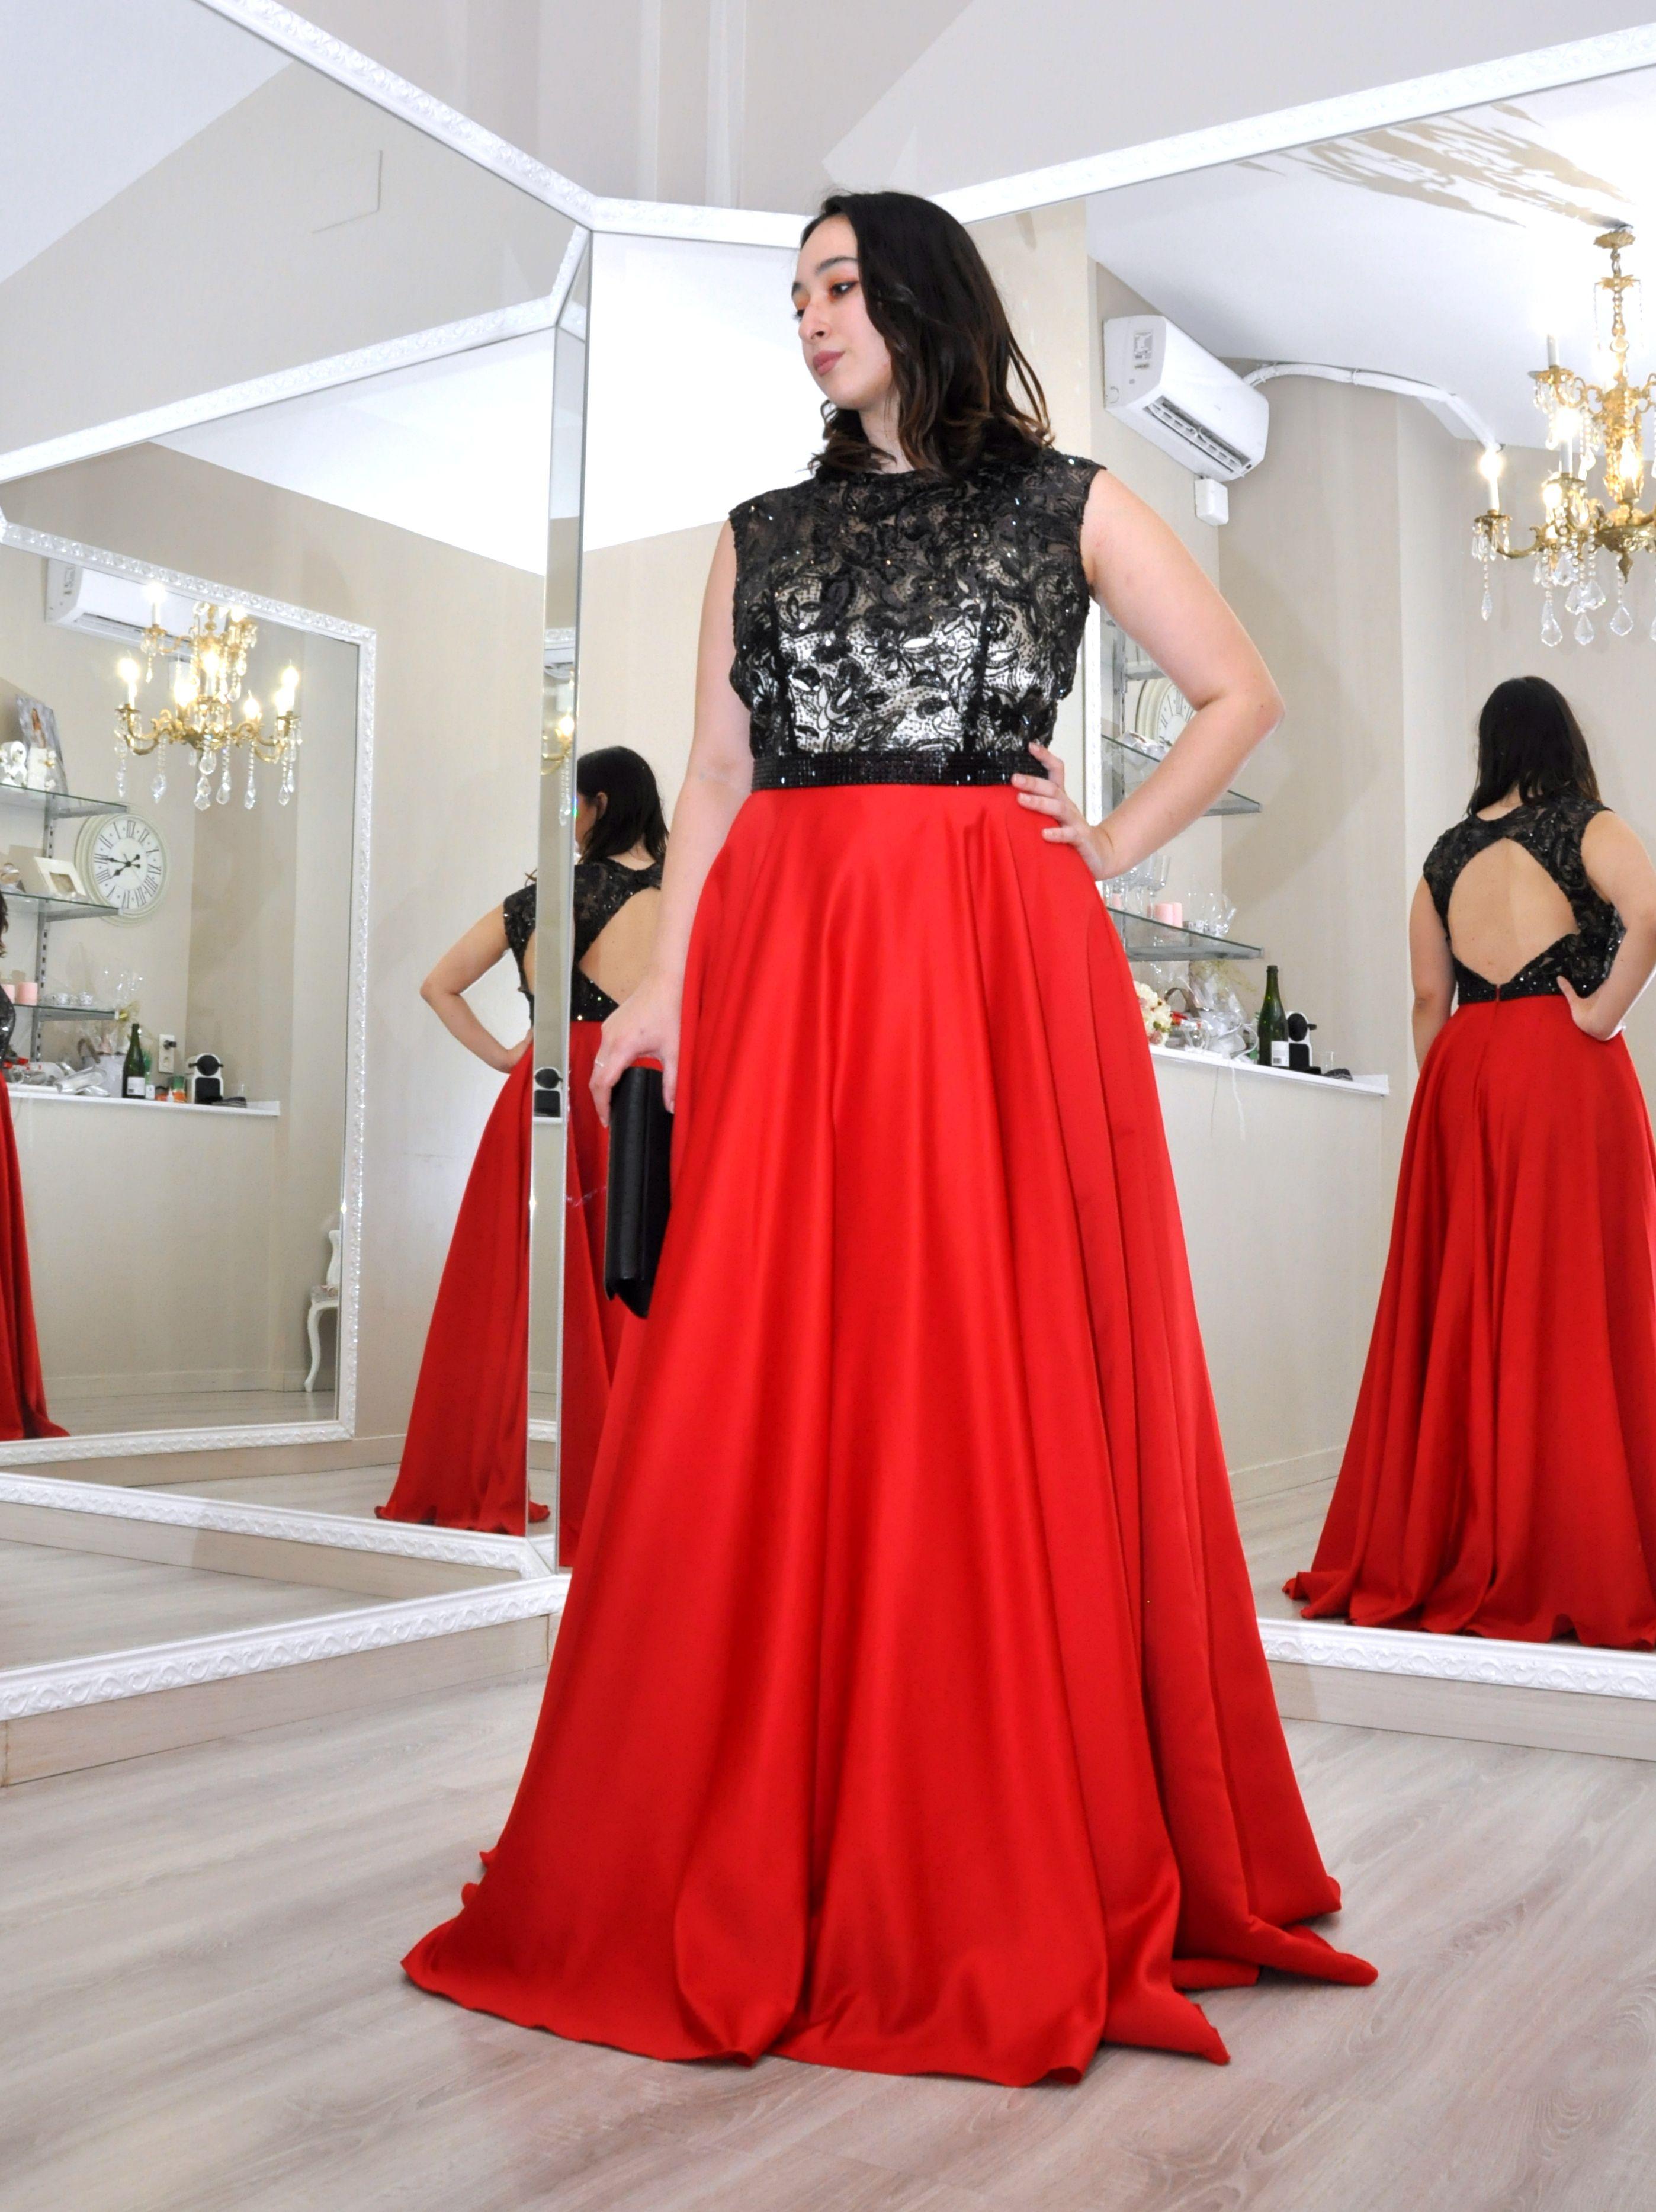 Vestidos de fiesta en El Prat de Llobregat